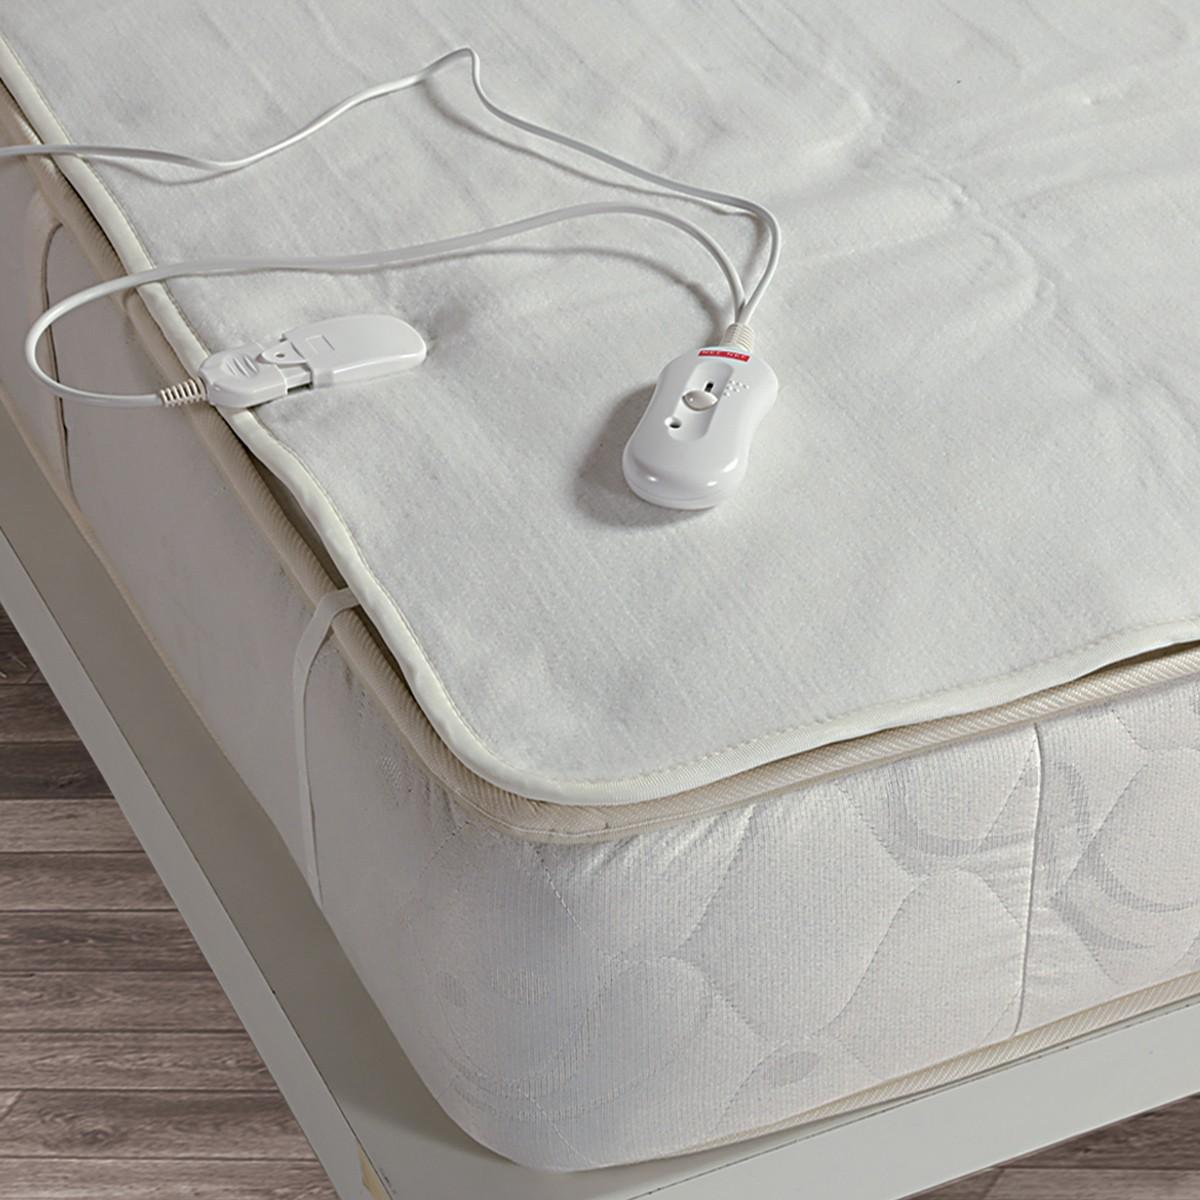 κουβέρτα-ηλεκτρική-υπέρδιπλη-nef-nef-standard